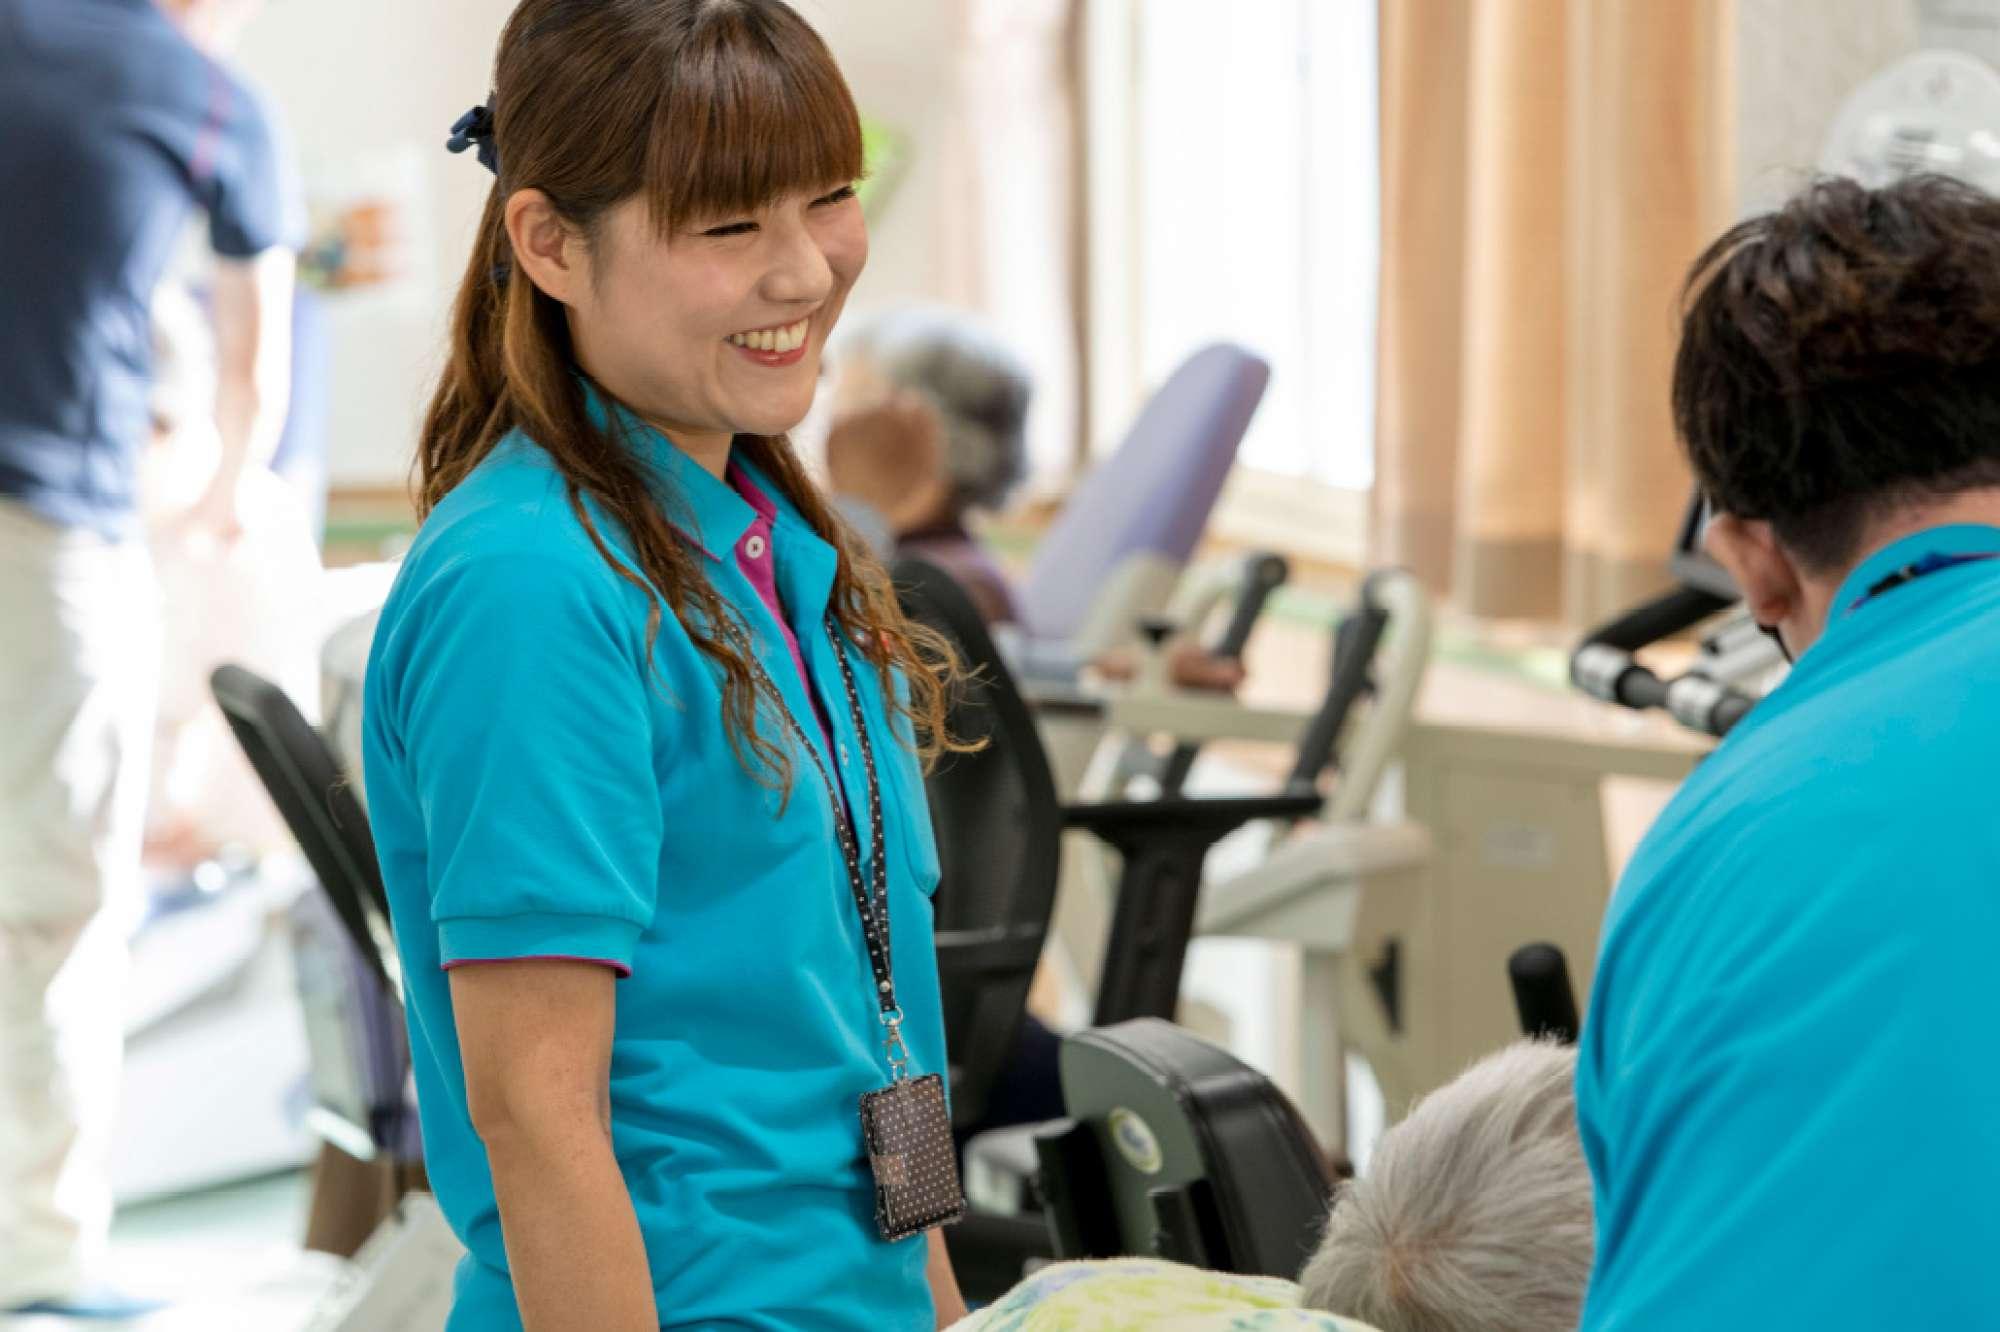 鈴木内科医院で働こうと思ったきっかけは? - 前から介護の仕事をやりたいと思い、専門学校に行ったんです。そして卒業し、実習したのですが、最初は利用者様の人数が多いところでした。でもそのうち「自分にここが合うのかどうか」という気持ちが生まれ、いろいろ悩んだ結果、「10人前後のところの方が自分は働きやすい」と考えて決意。鈴木内科医院の事務長に相談したところ、快くそうした場所に配置していただきましたので、すごく働きやすいです。 -  -